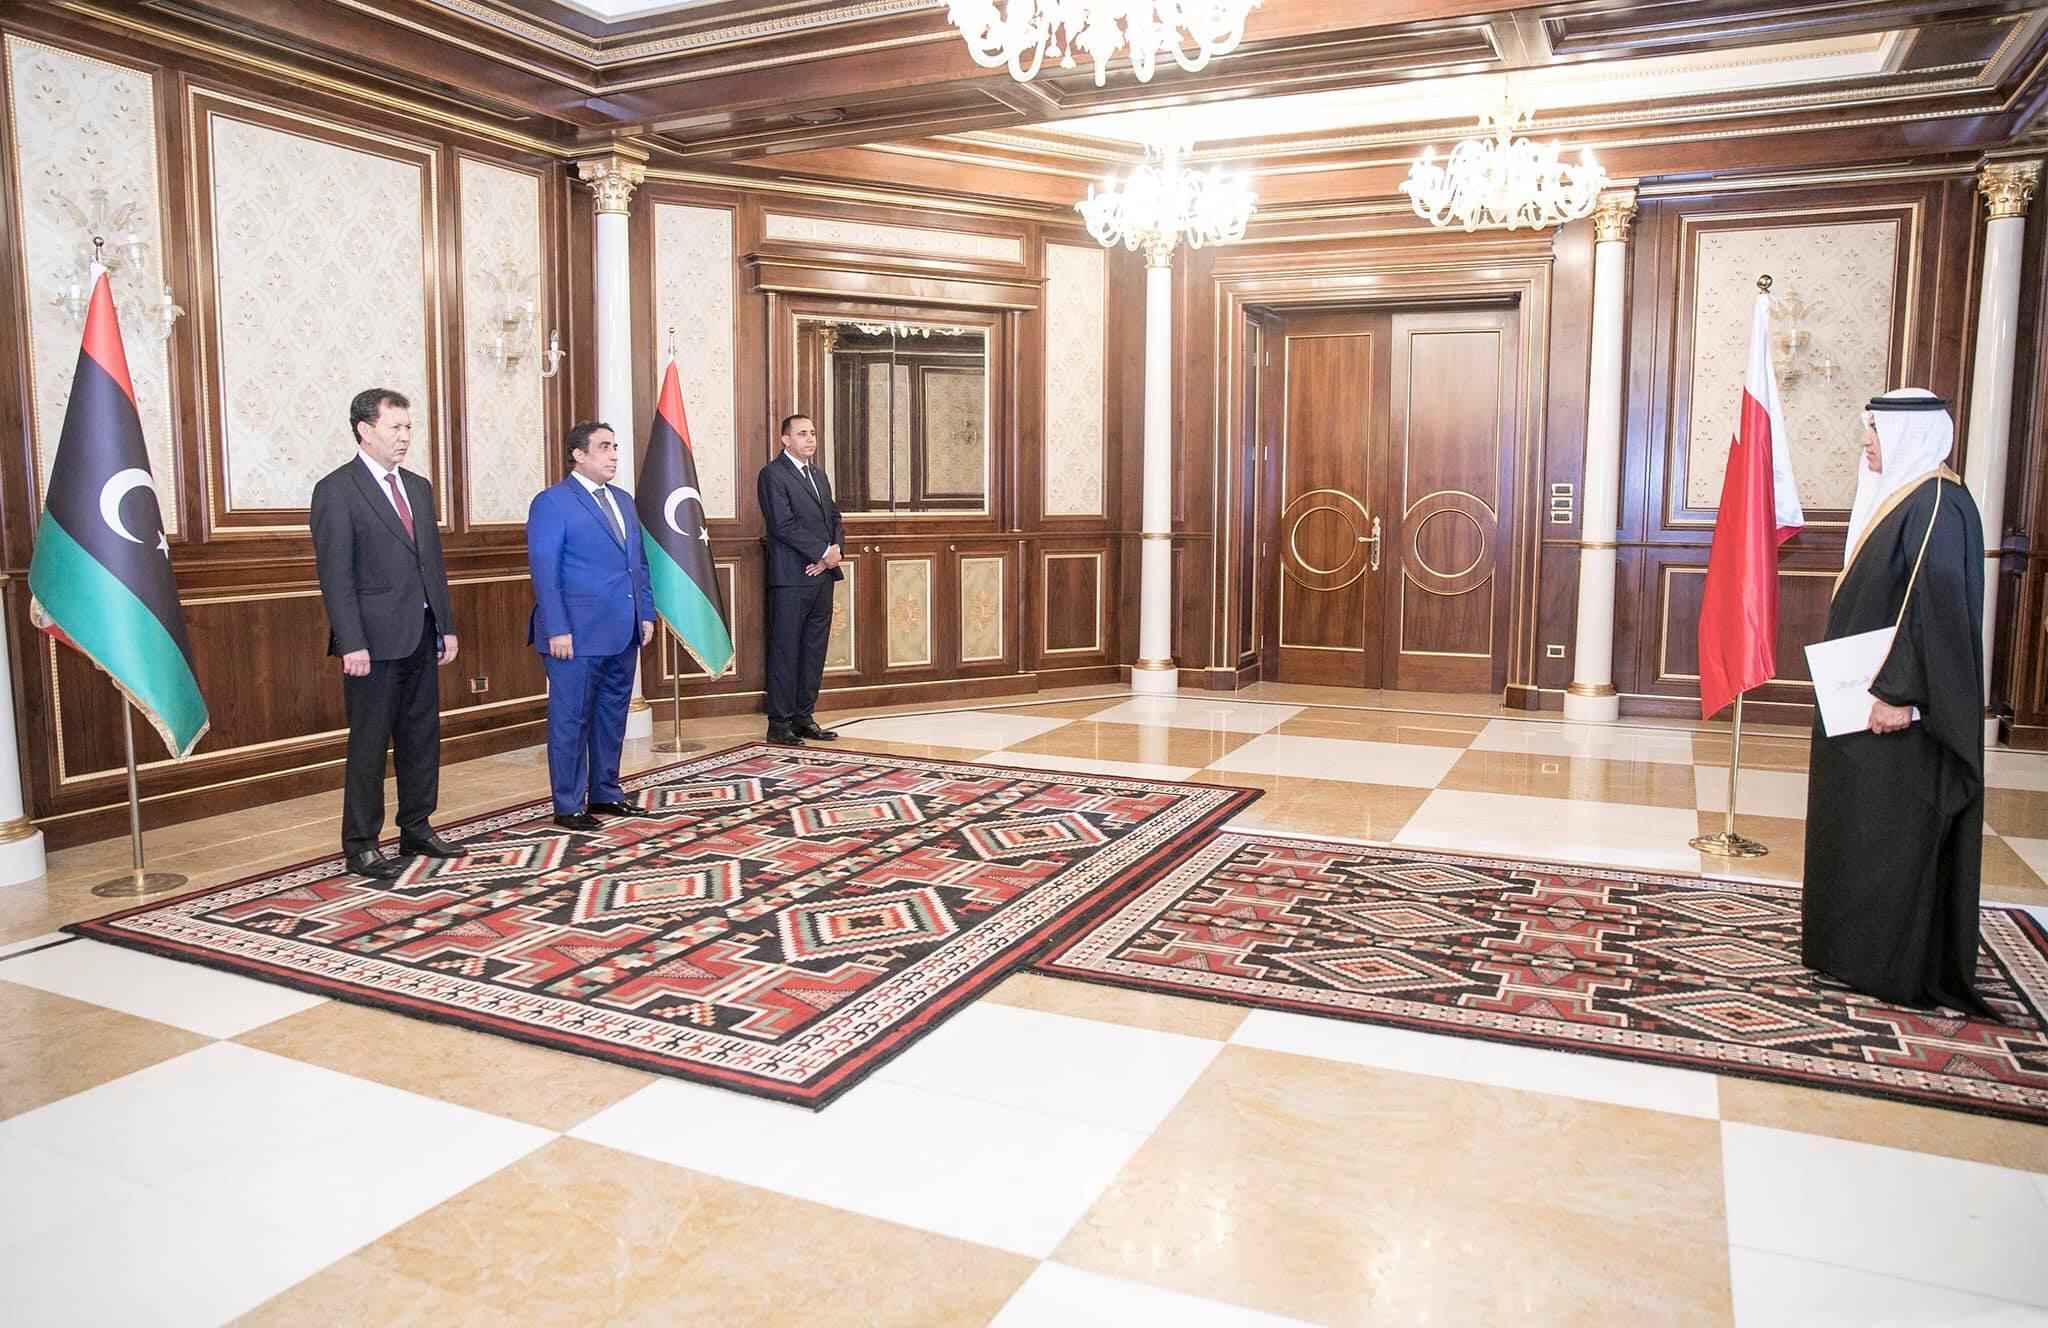 رئيس المجلس الرئاسي يتسلم أوراق اعتماد سفيري البحرين والبرتغال